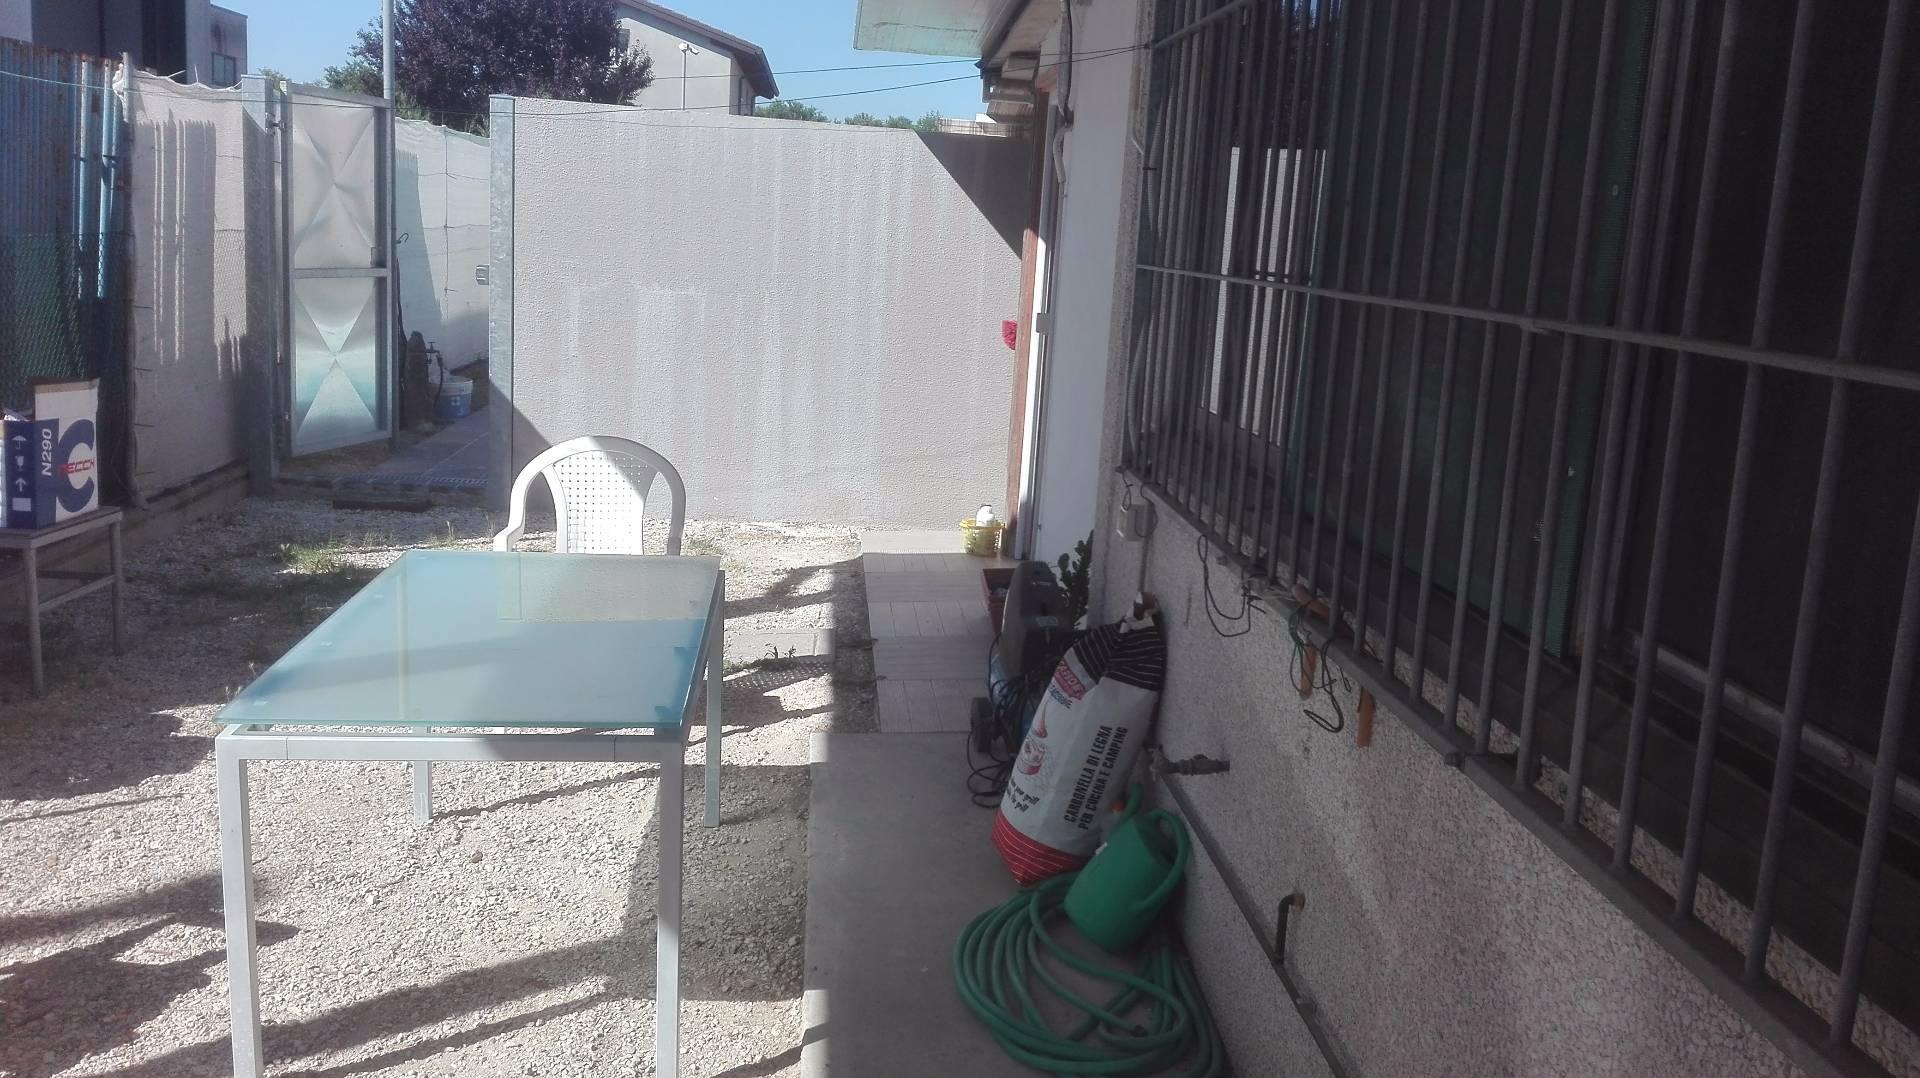 Appartamento in affitto a Bagnacavallo, 4 locali, zona Zona: Villanova, prezzo € 360 | Cambio Casa.it